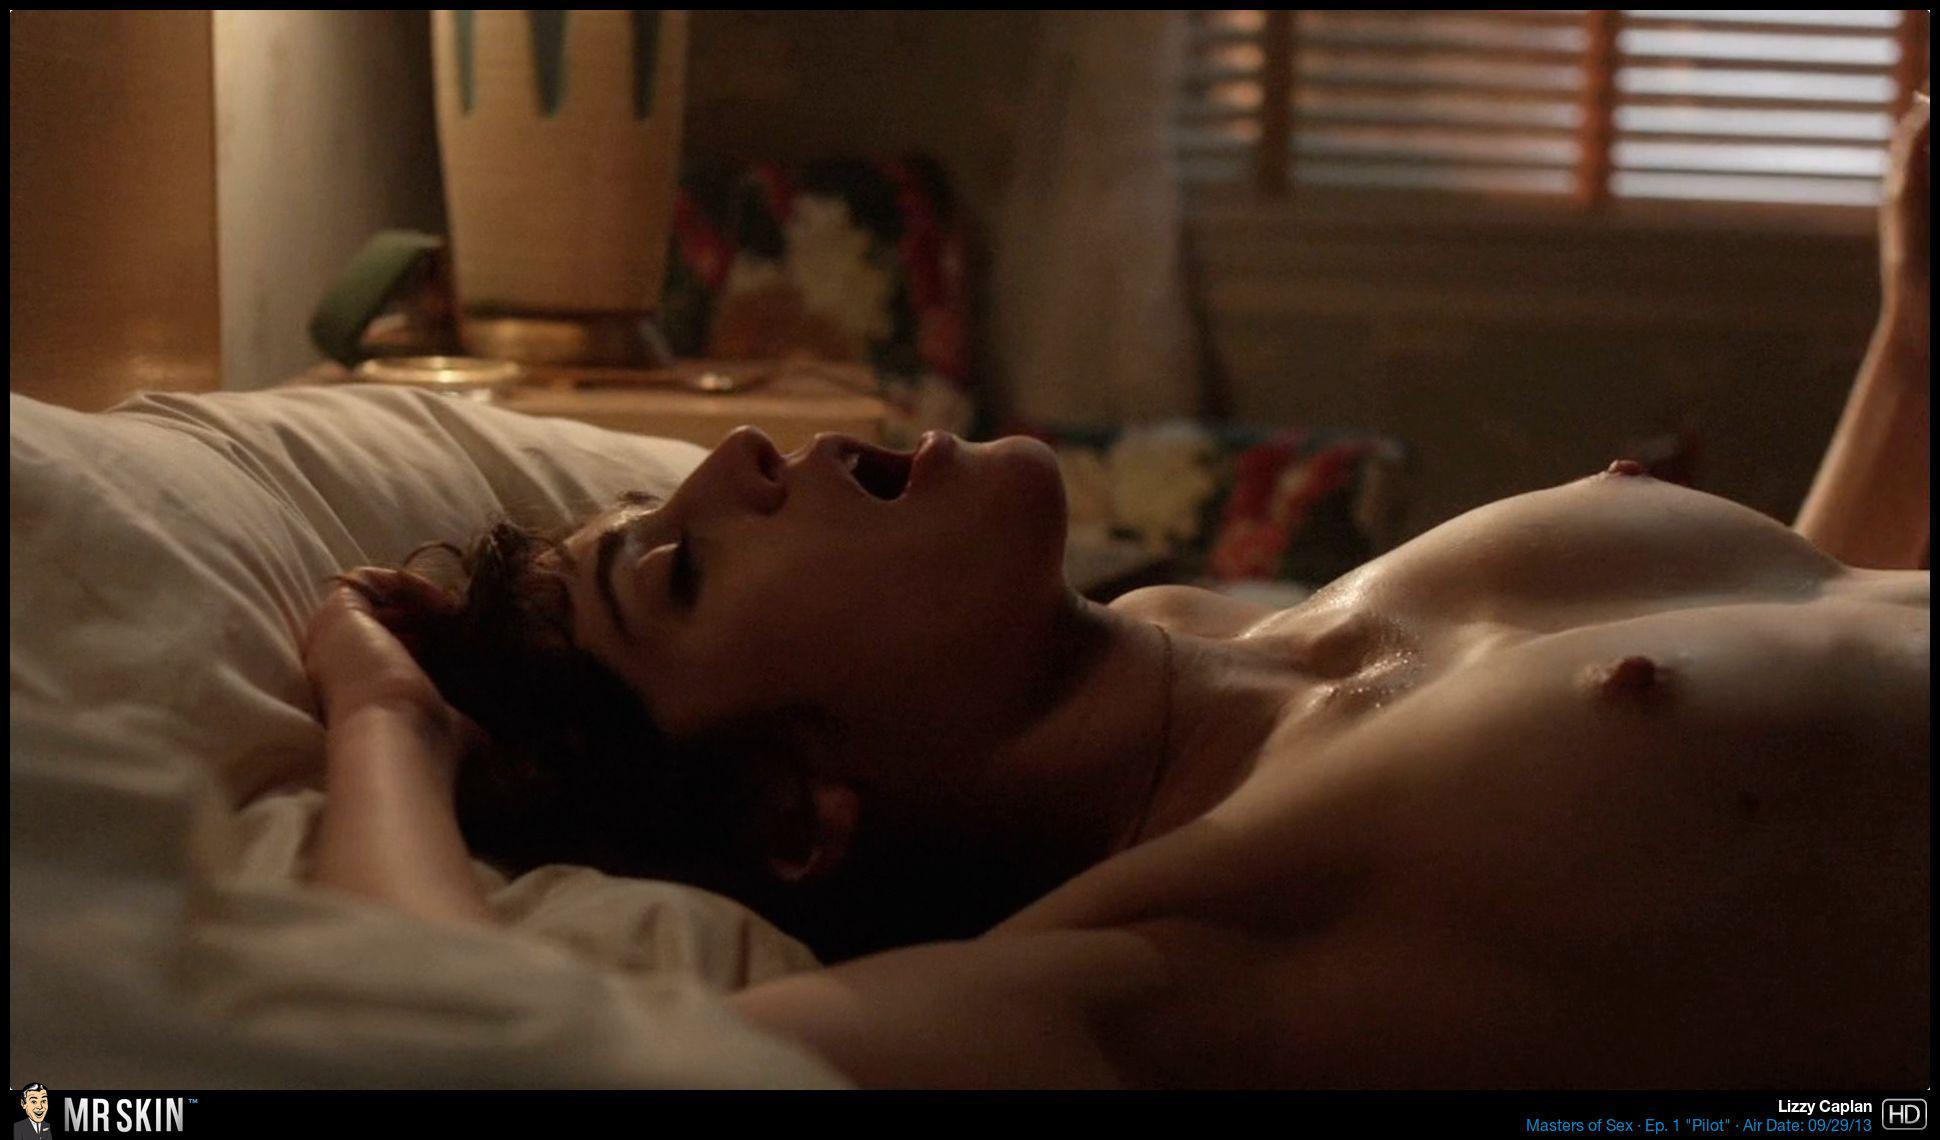 Lizzy Caplan Desnuda Mientras Le Comen El Coño En La Serie Masters